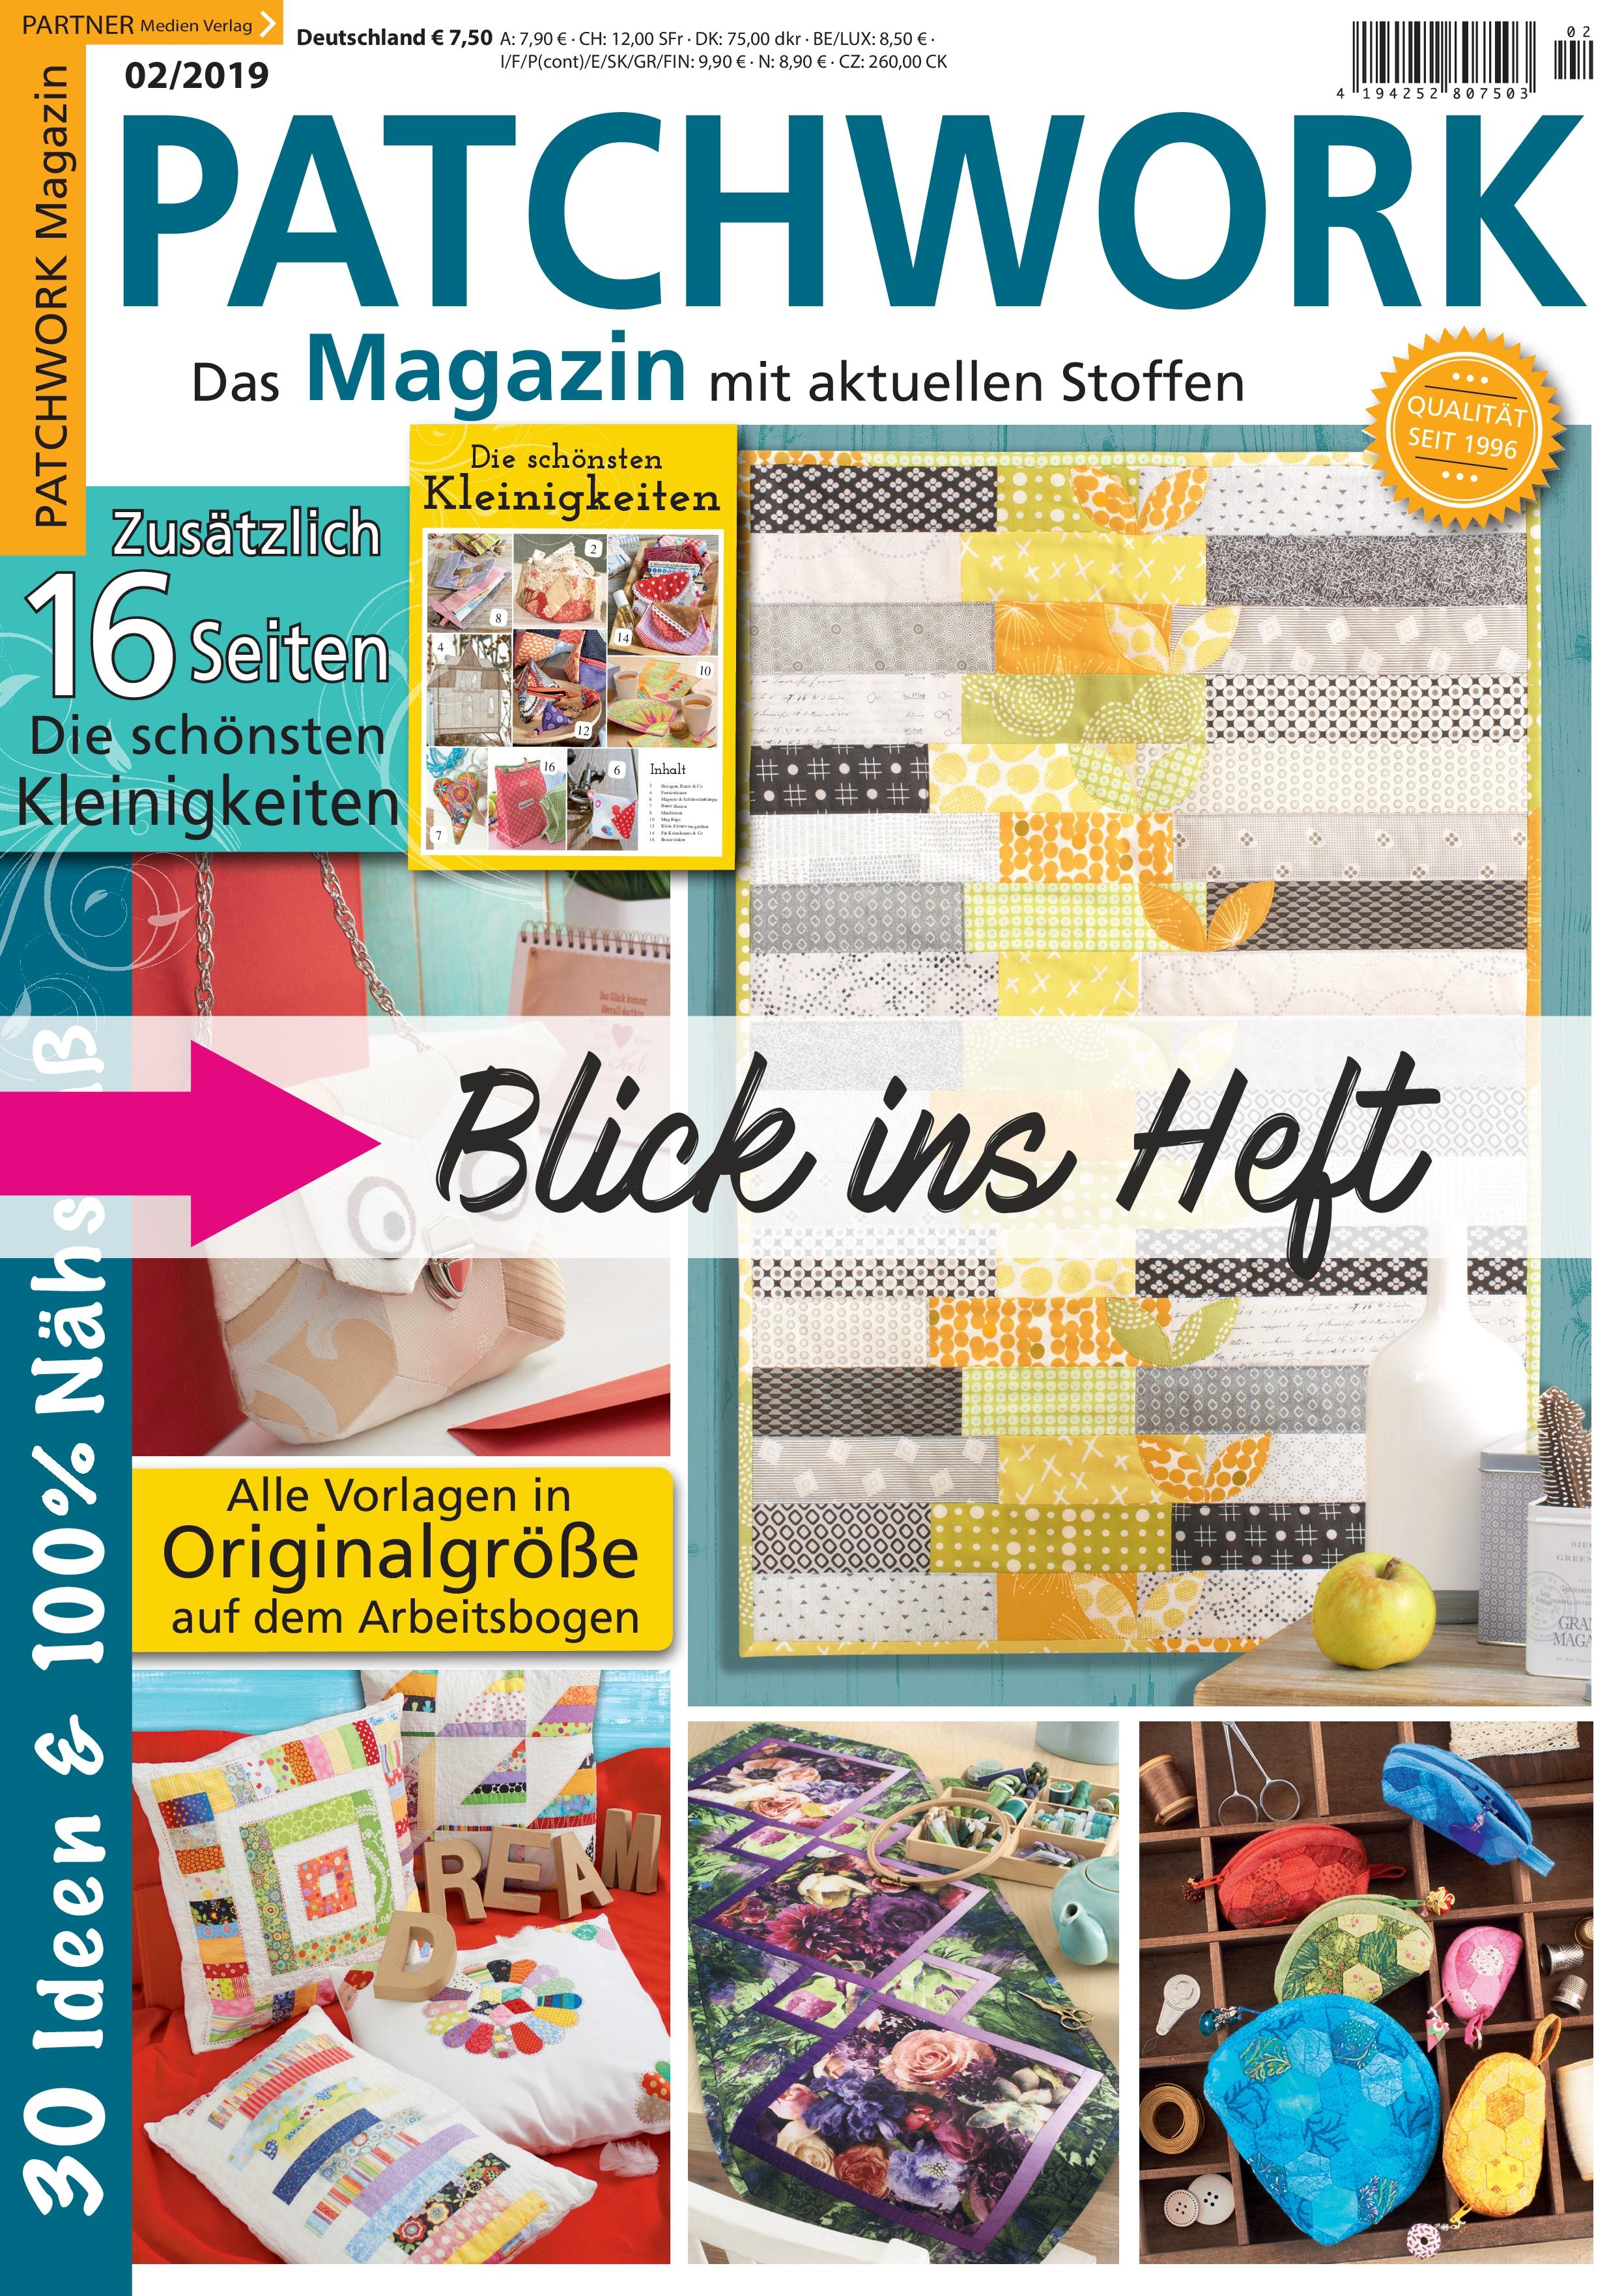 Partner Medien Verlag Abonnement